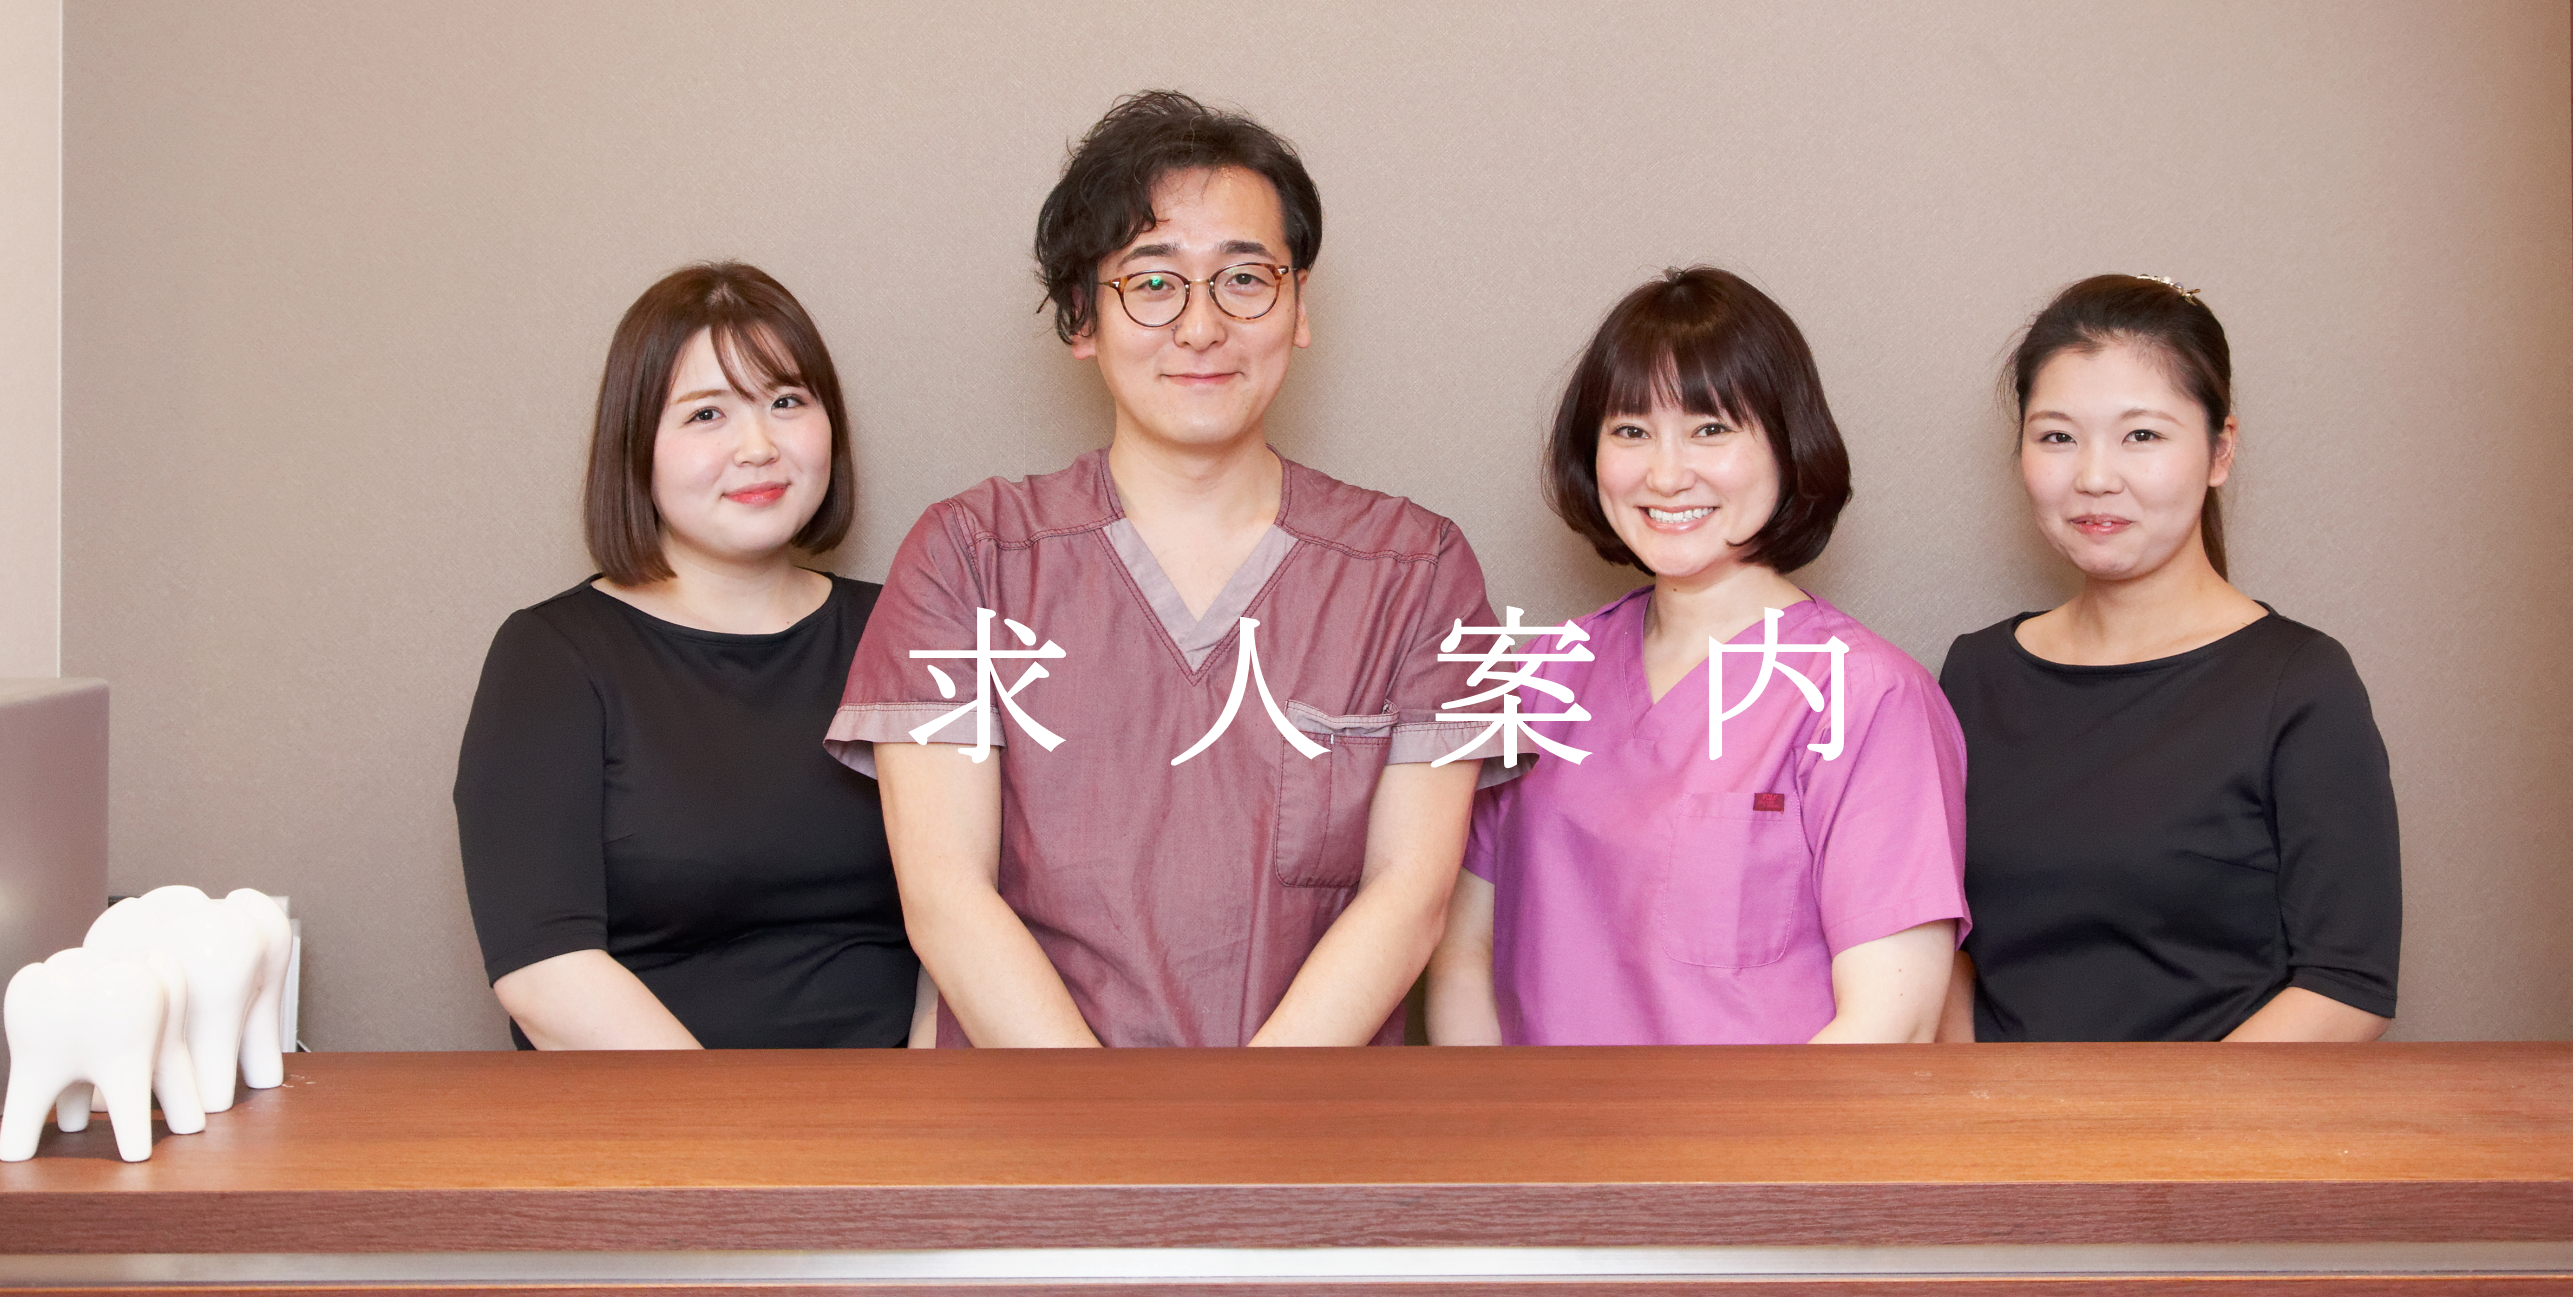 江東区亀戸駅の歯科助手・受付求人